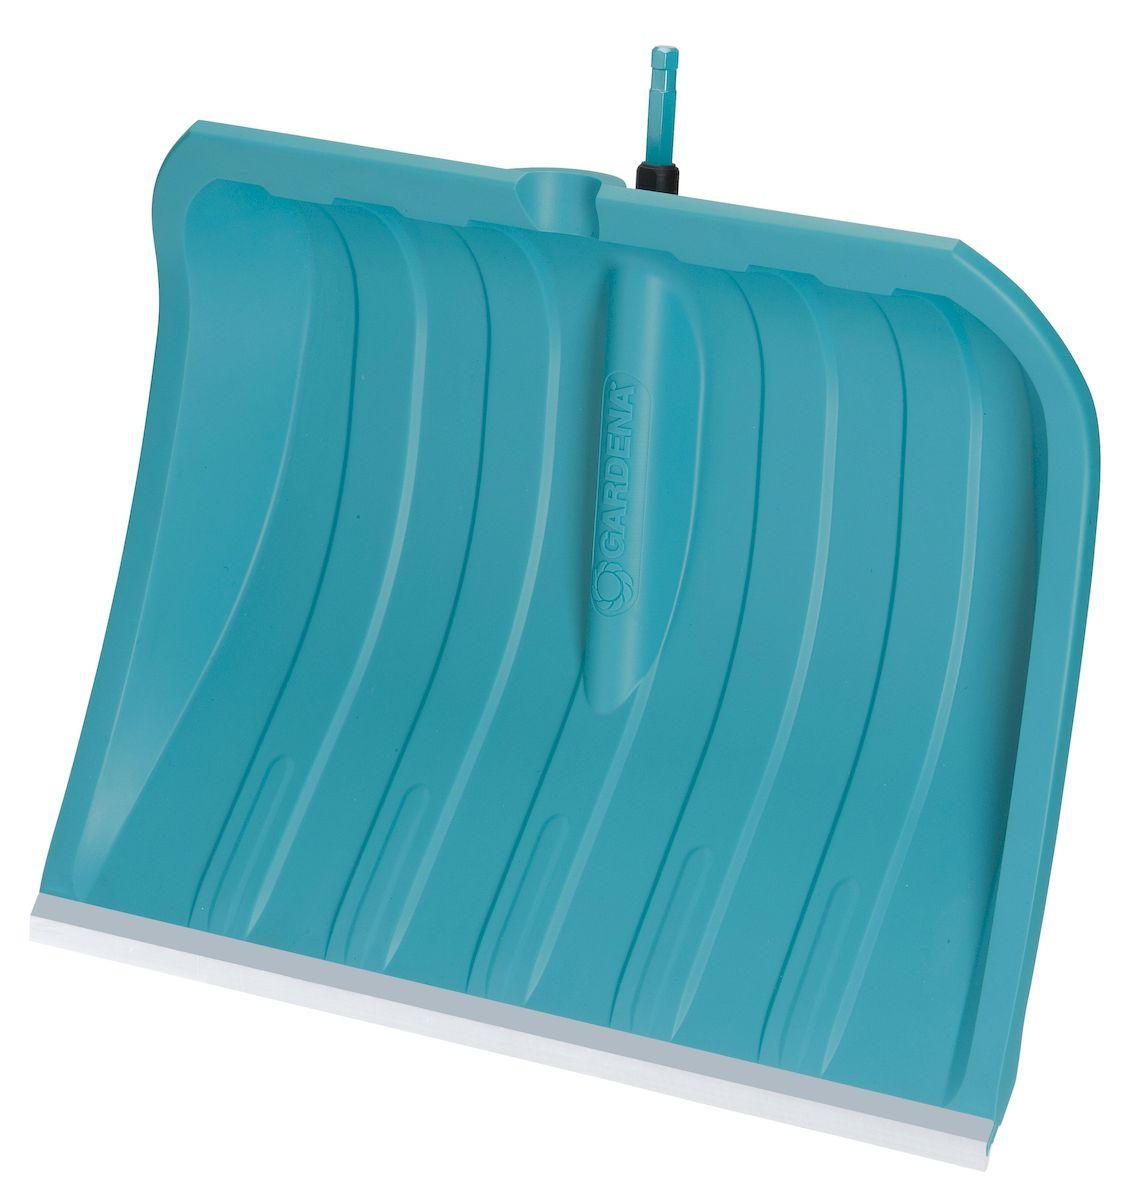 """Лопата для уборки снега """"Gardena"""" c кромкой из нержавеющей стали, без ручки, ширина 50 см 03243-20.000.00"""